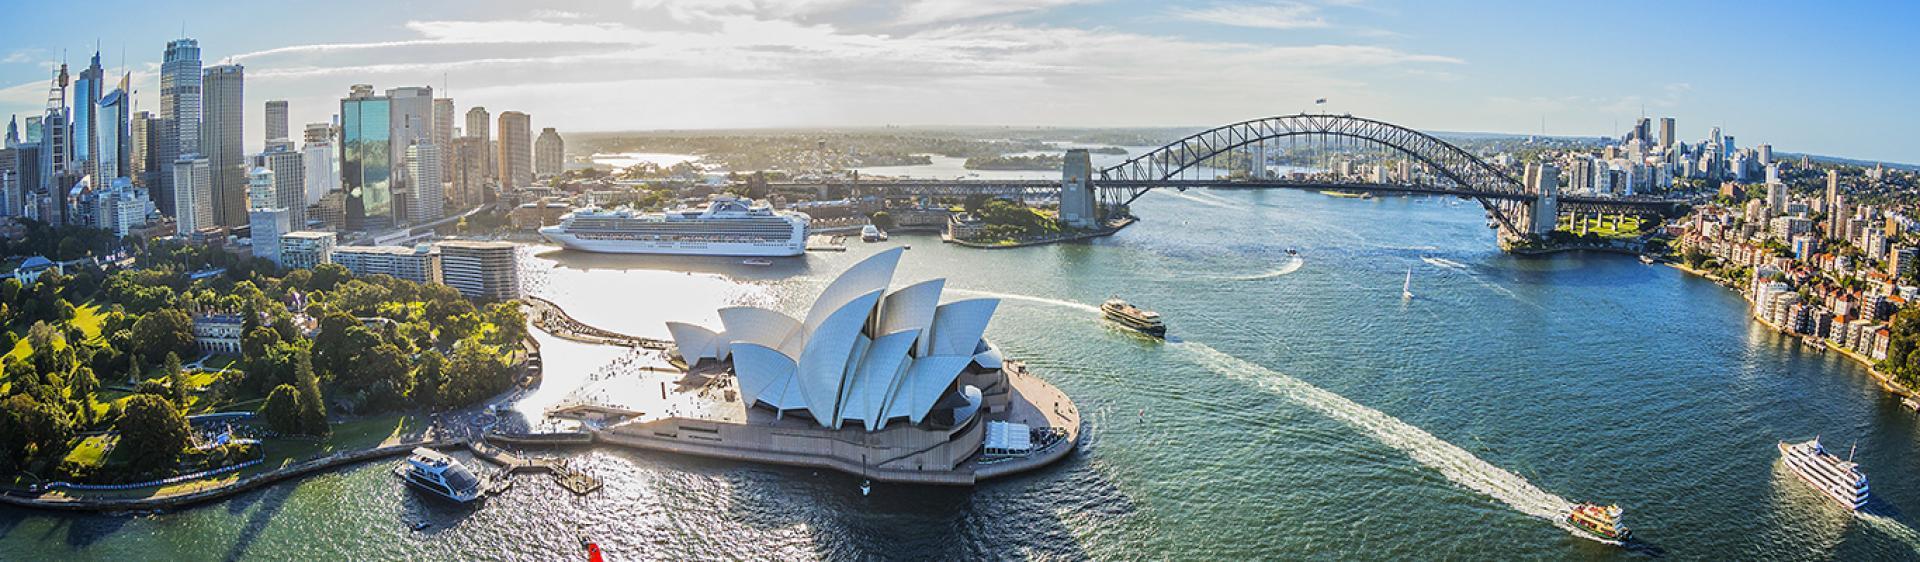 Sydney-avustralya-dil-egitimi-okullari-els-7.jpg